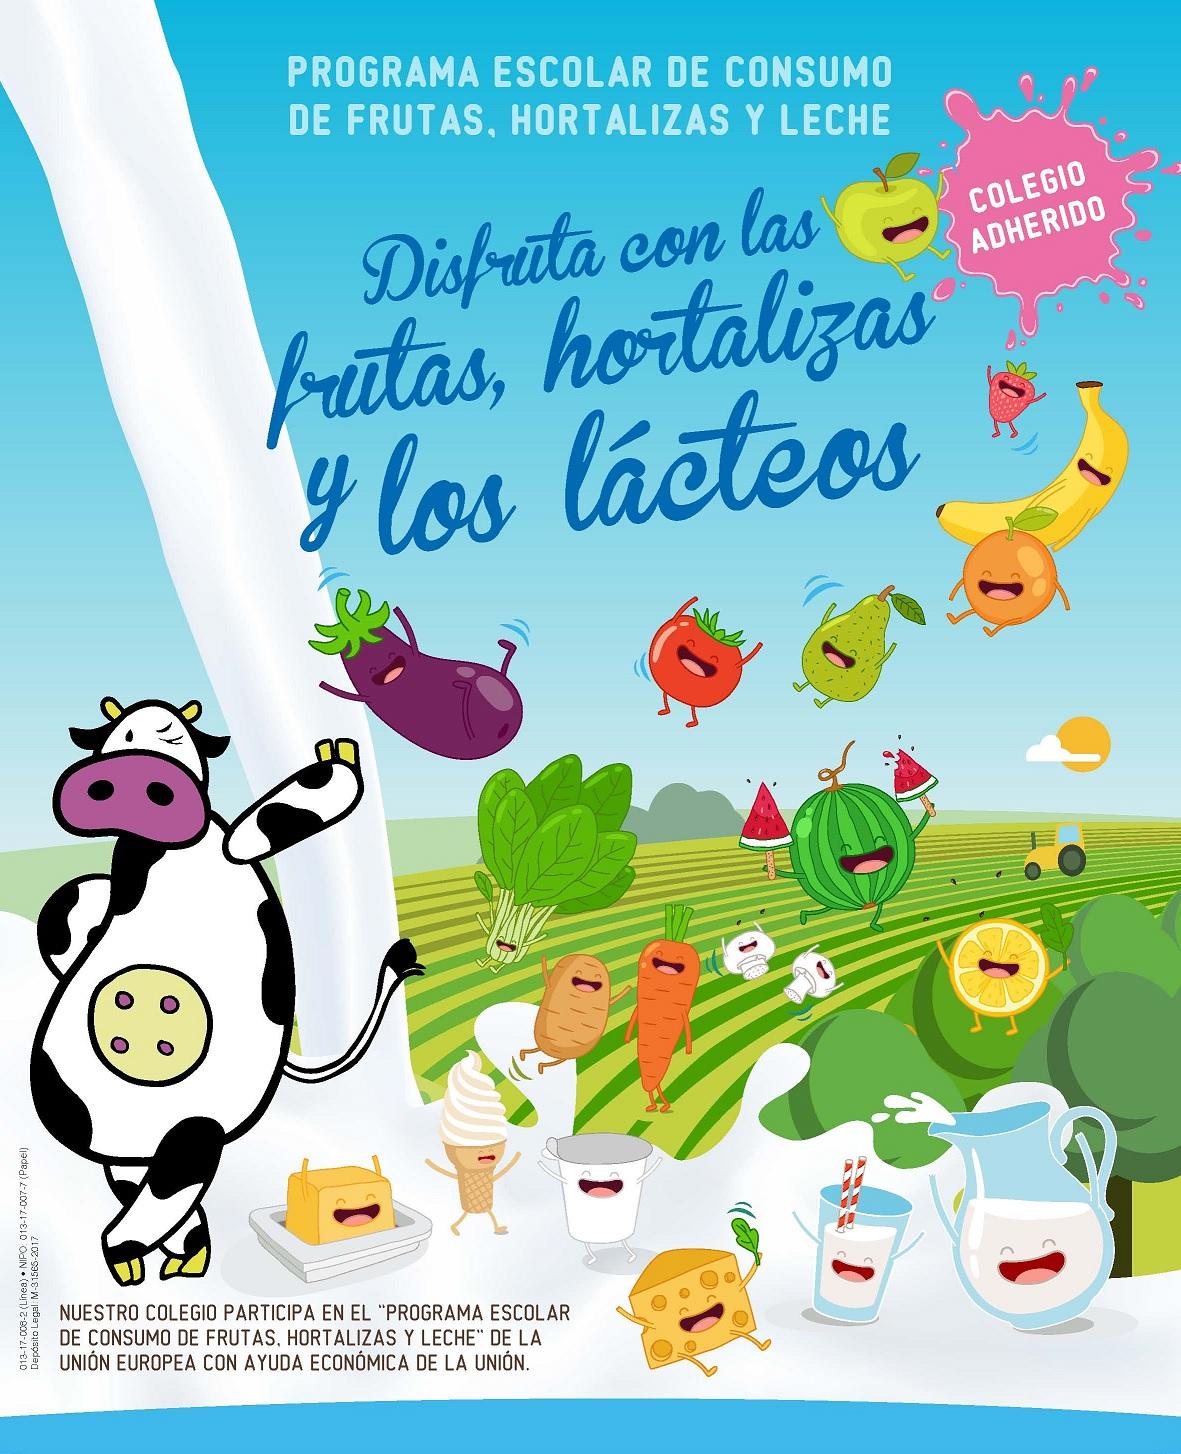 Resultado de imagen de disfruta de las frutas los lacteos y hortalizas